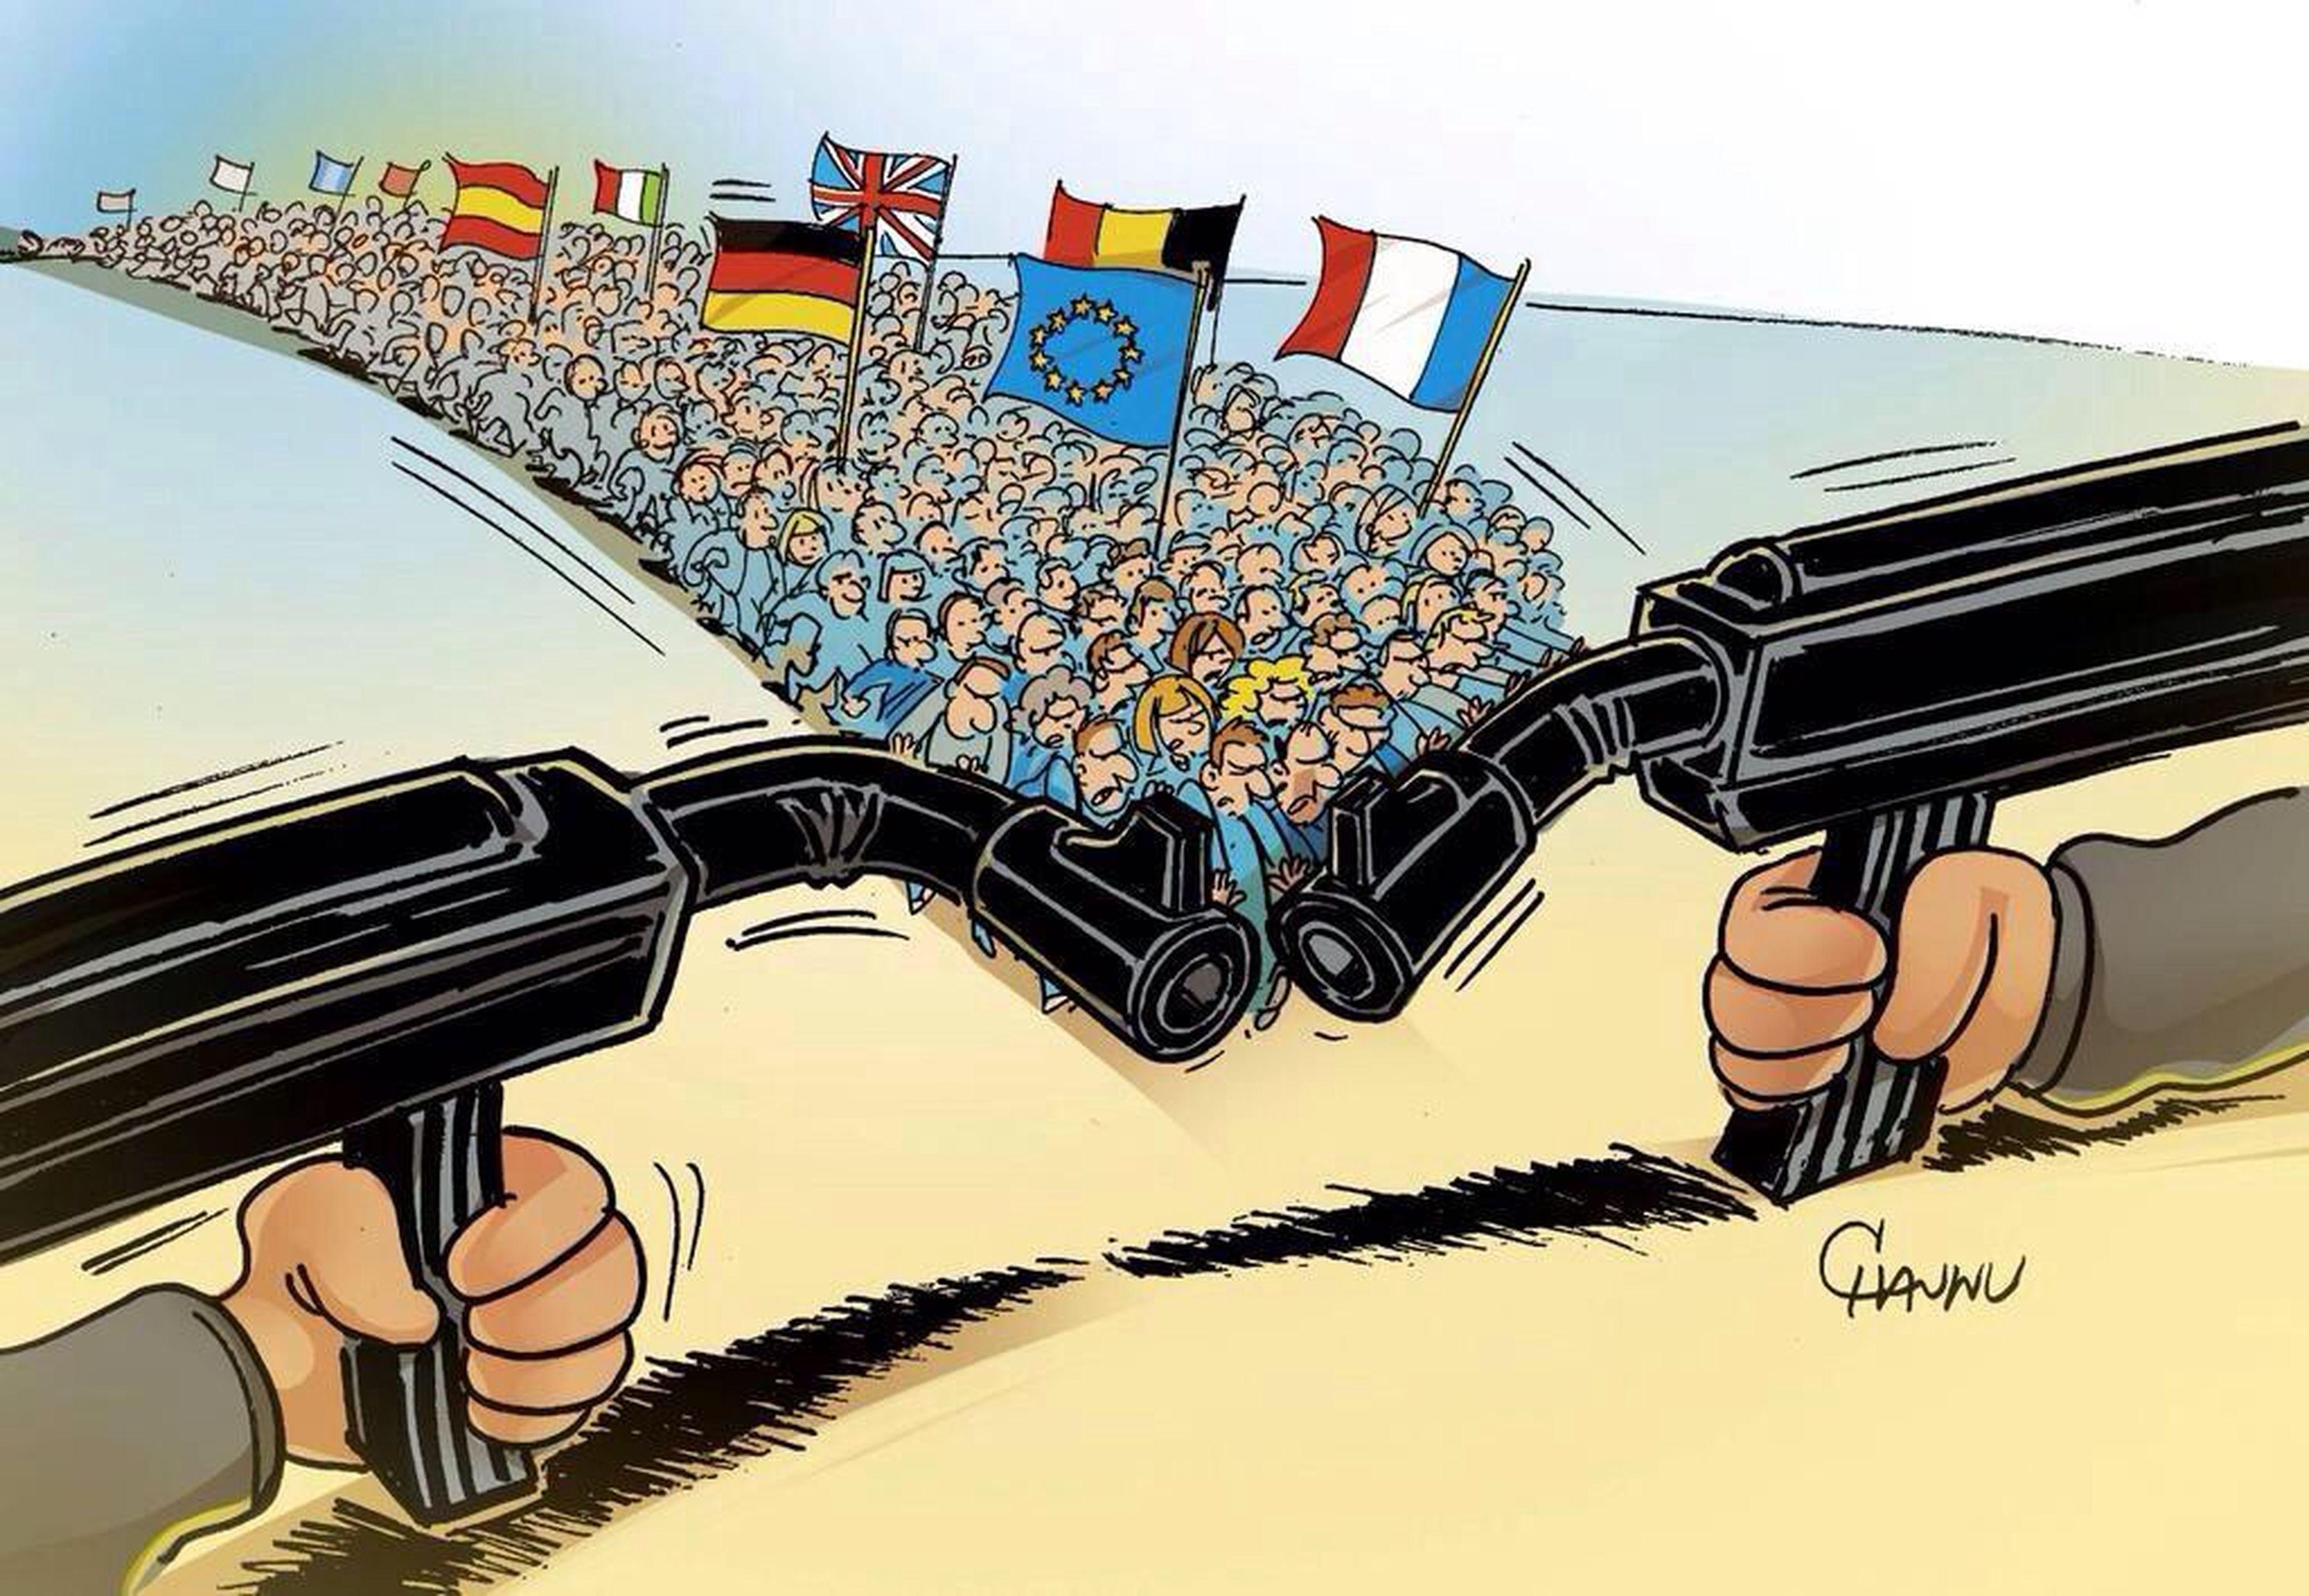 Jesuischarlie LeMondeEstCharlie Charliehebdo